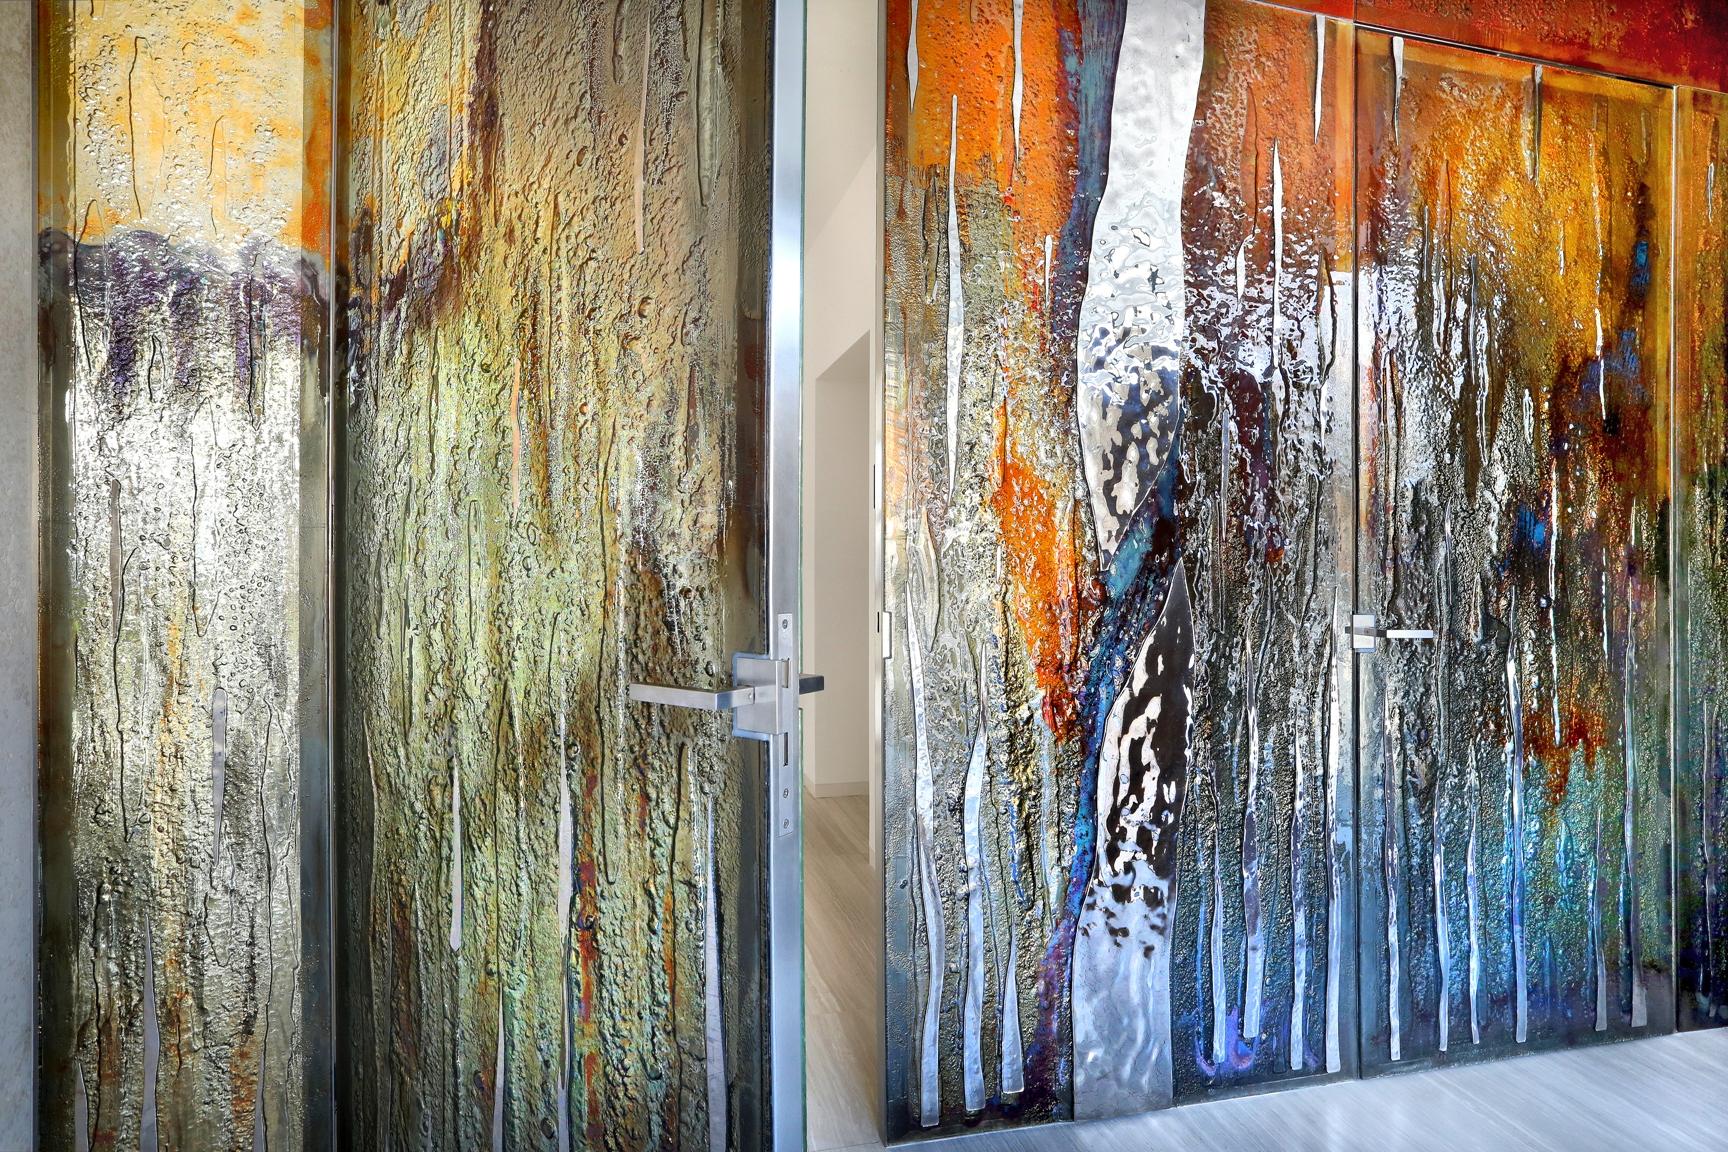 Tipy a zajímavosti / Gordana interiér dveře